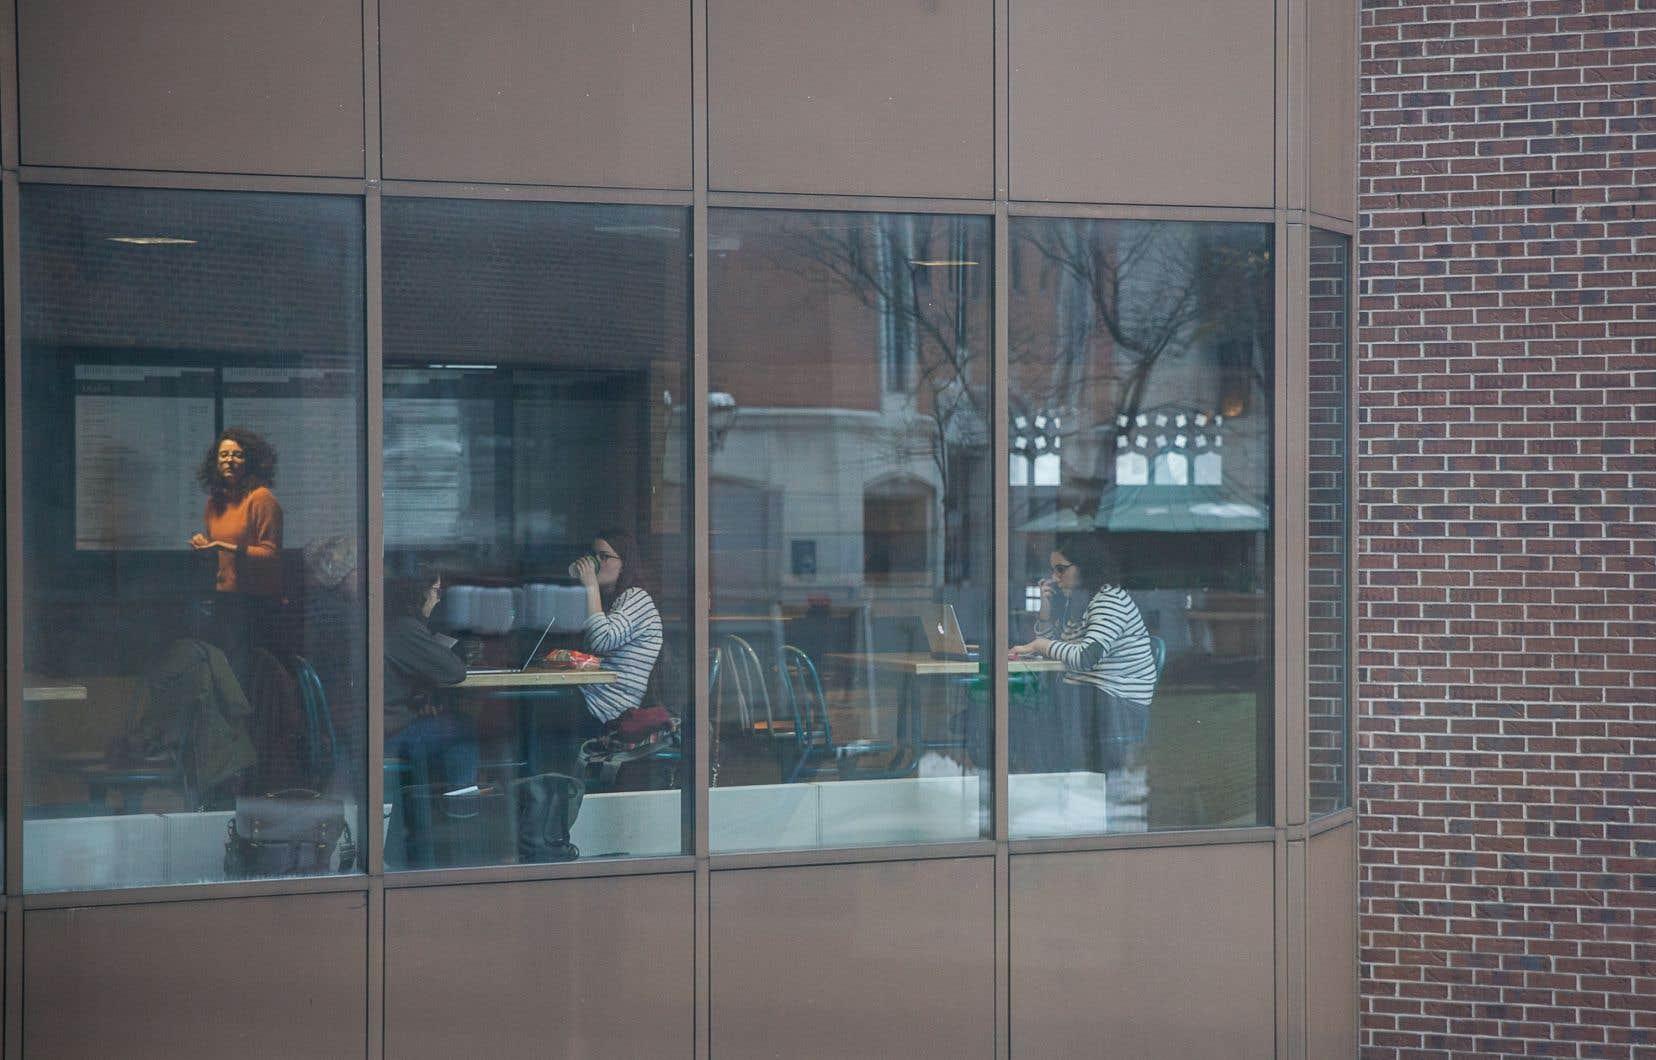 Avec le projet de loi 151, visant à prévenir et à combattre les violences à caractère sexuel dans les établissements d'enseignement supérieur, le président de l'Union étudiante du Québec parle d'une «prise de conscience collective».